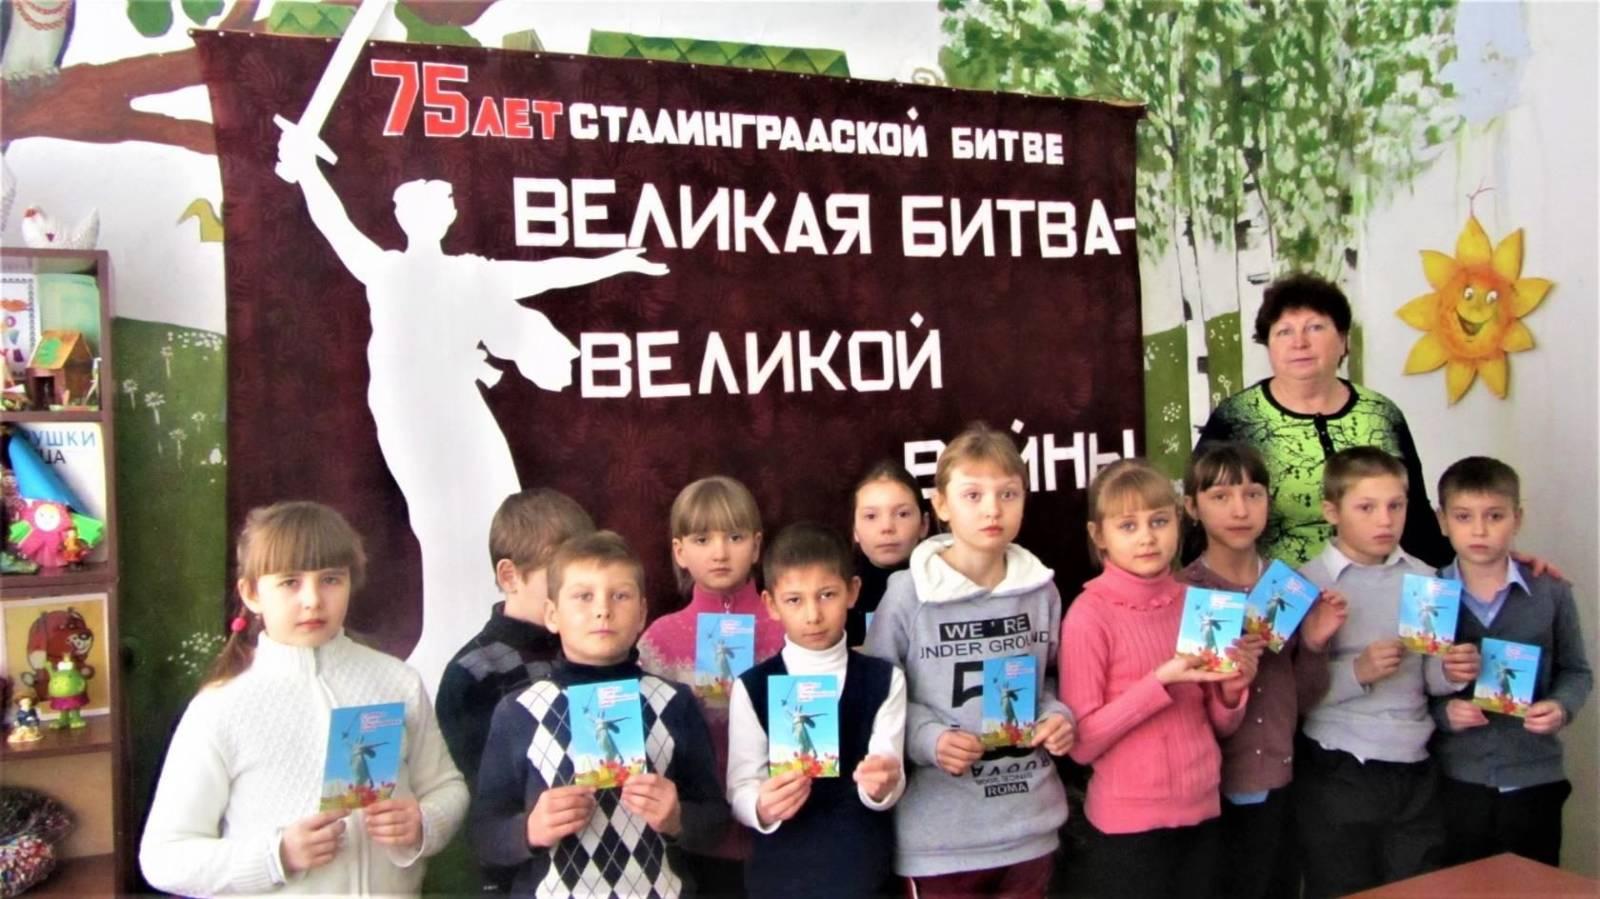 К 75-летию Сталинградской битвы — «Великая битва — Великой войны».